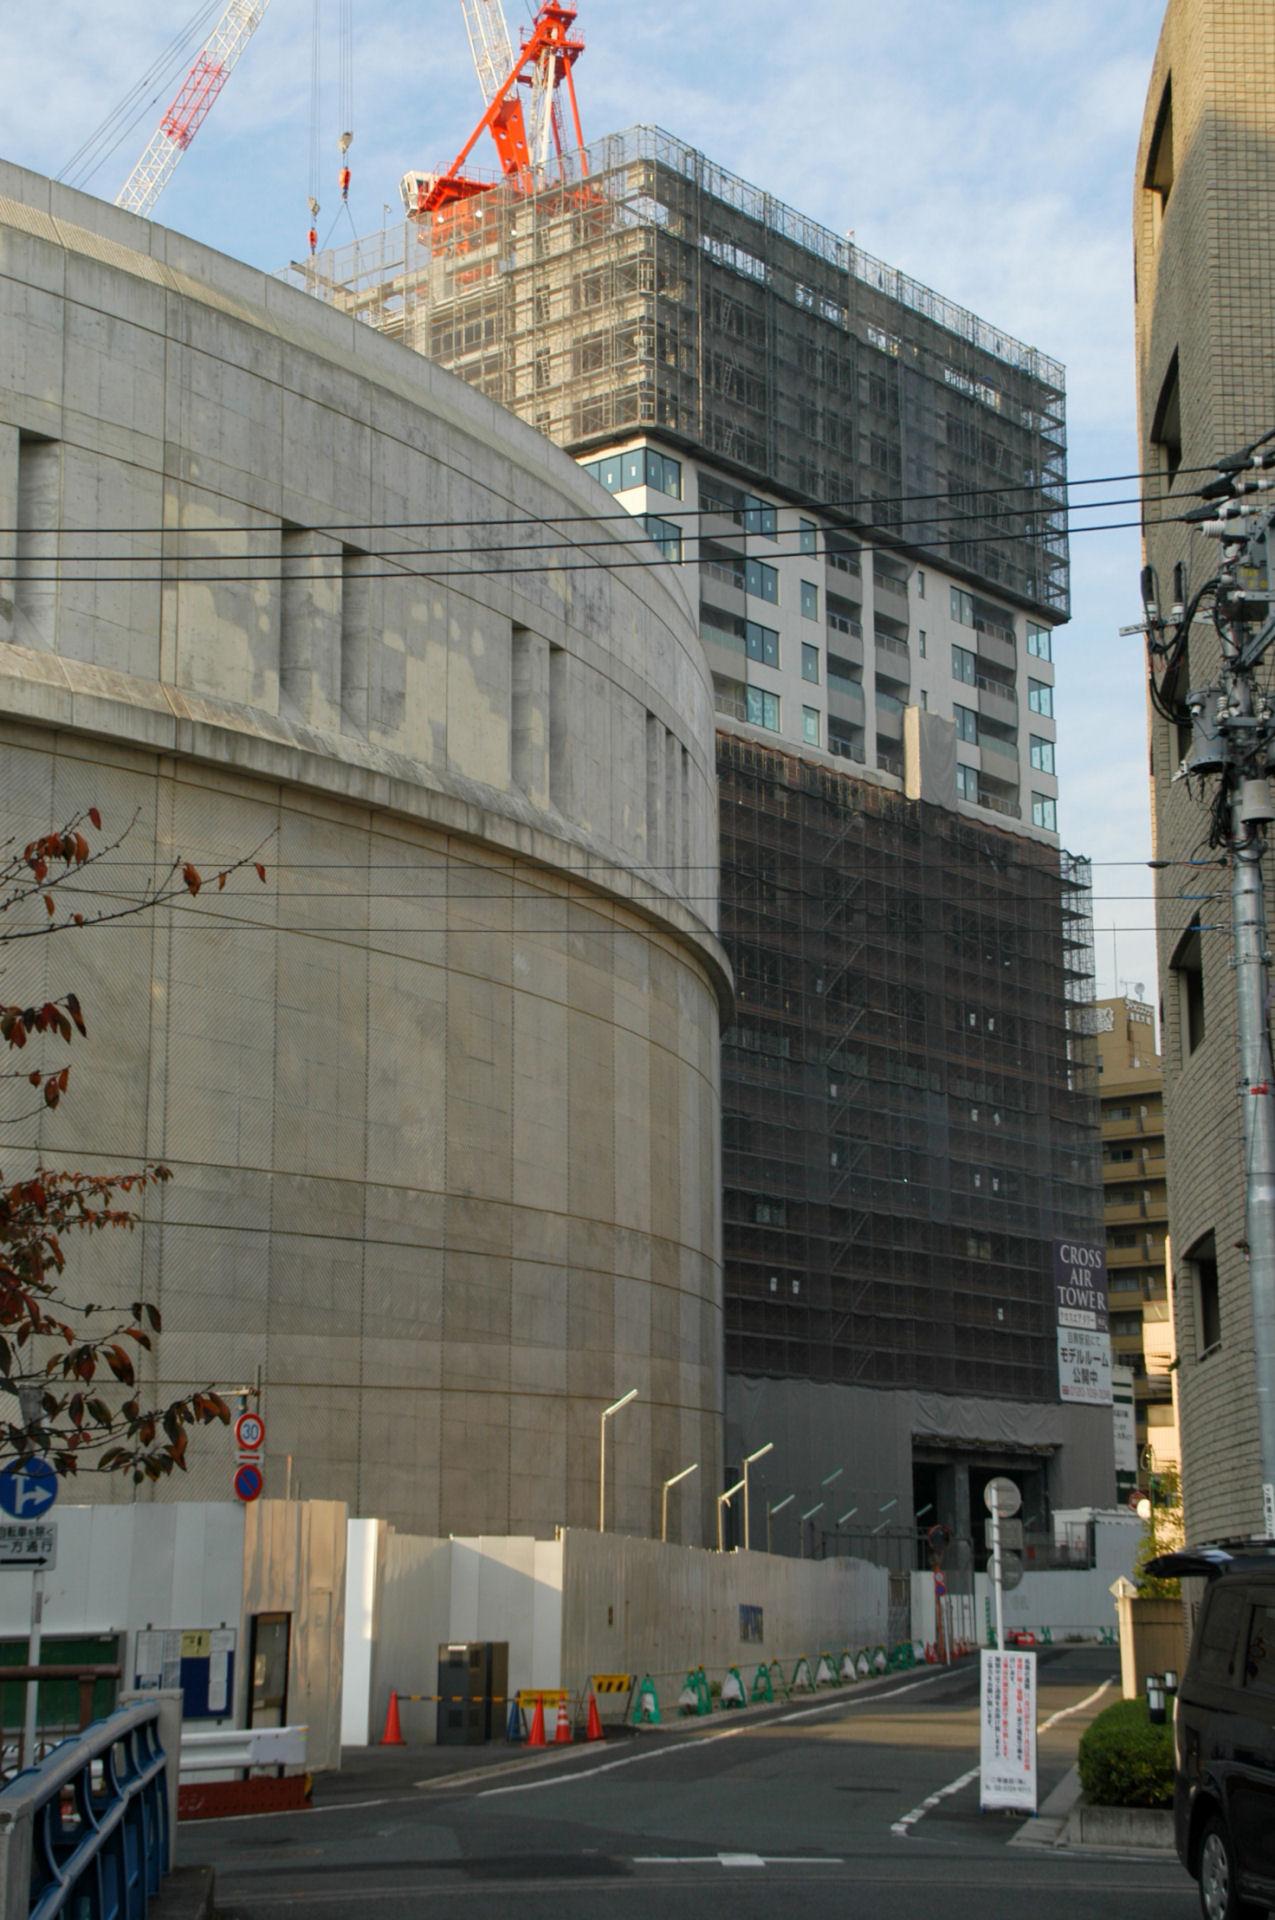 crossairtower0219.jpg